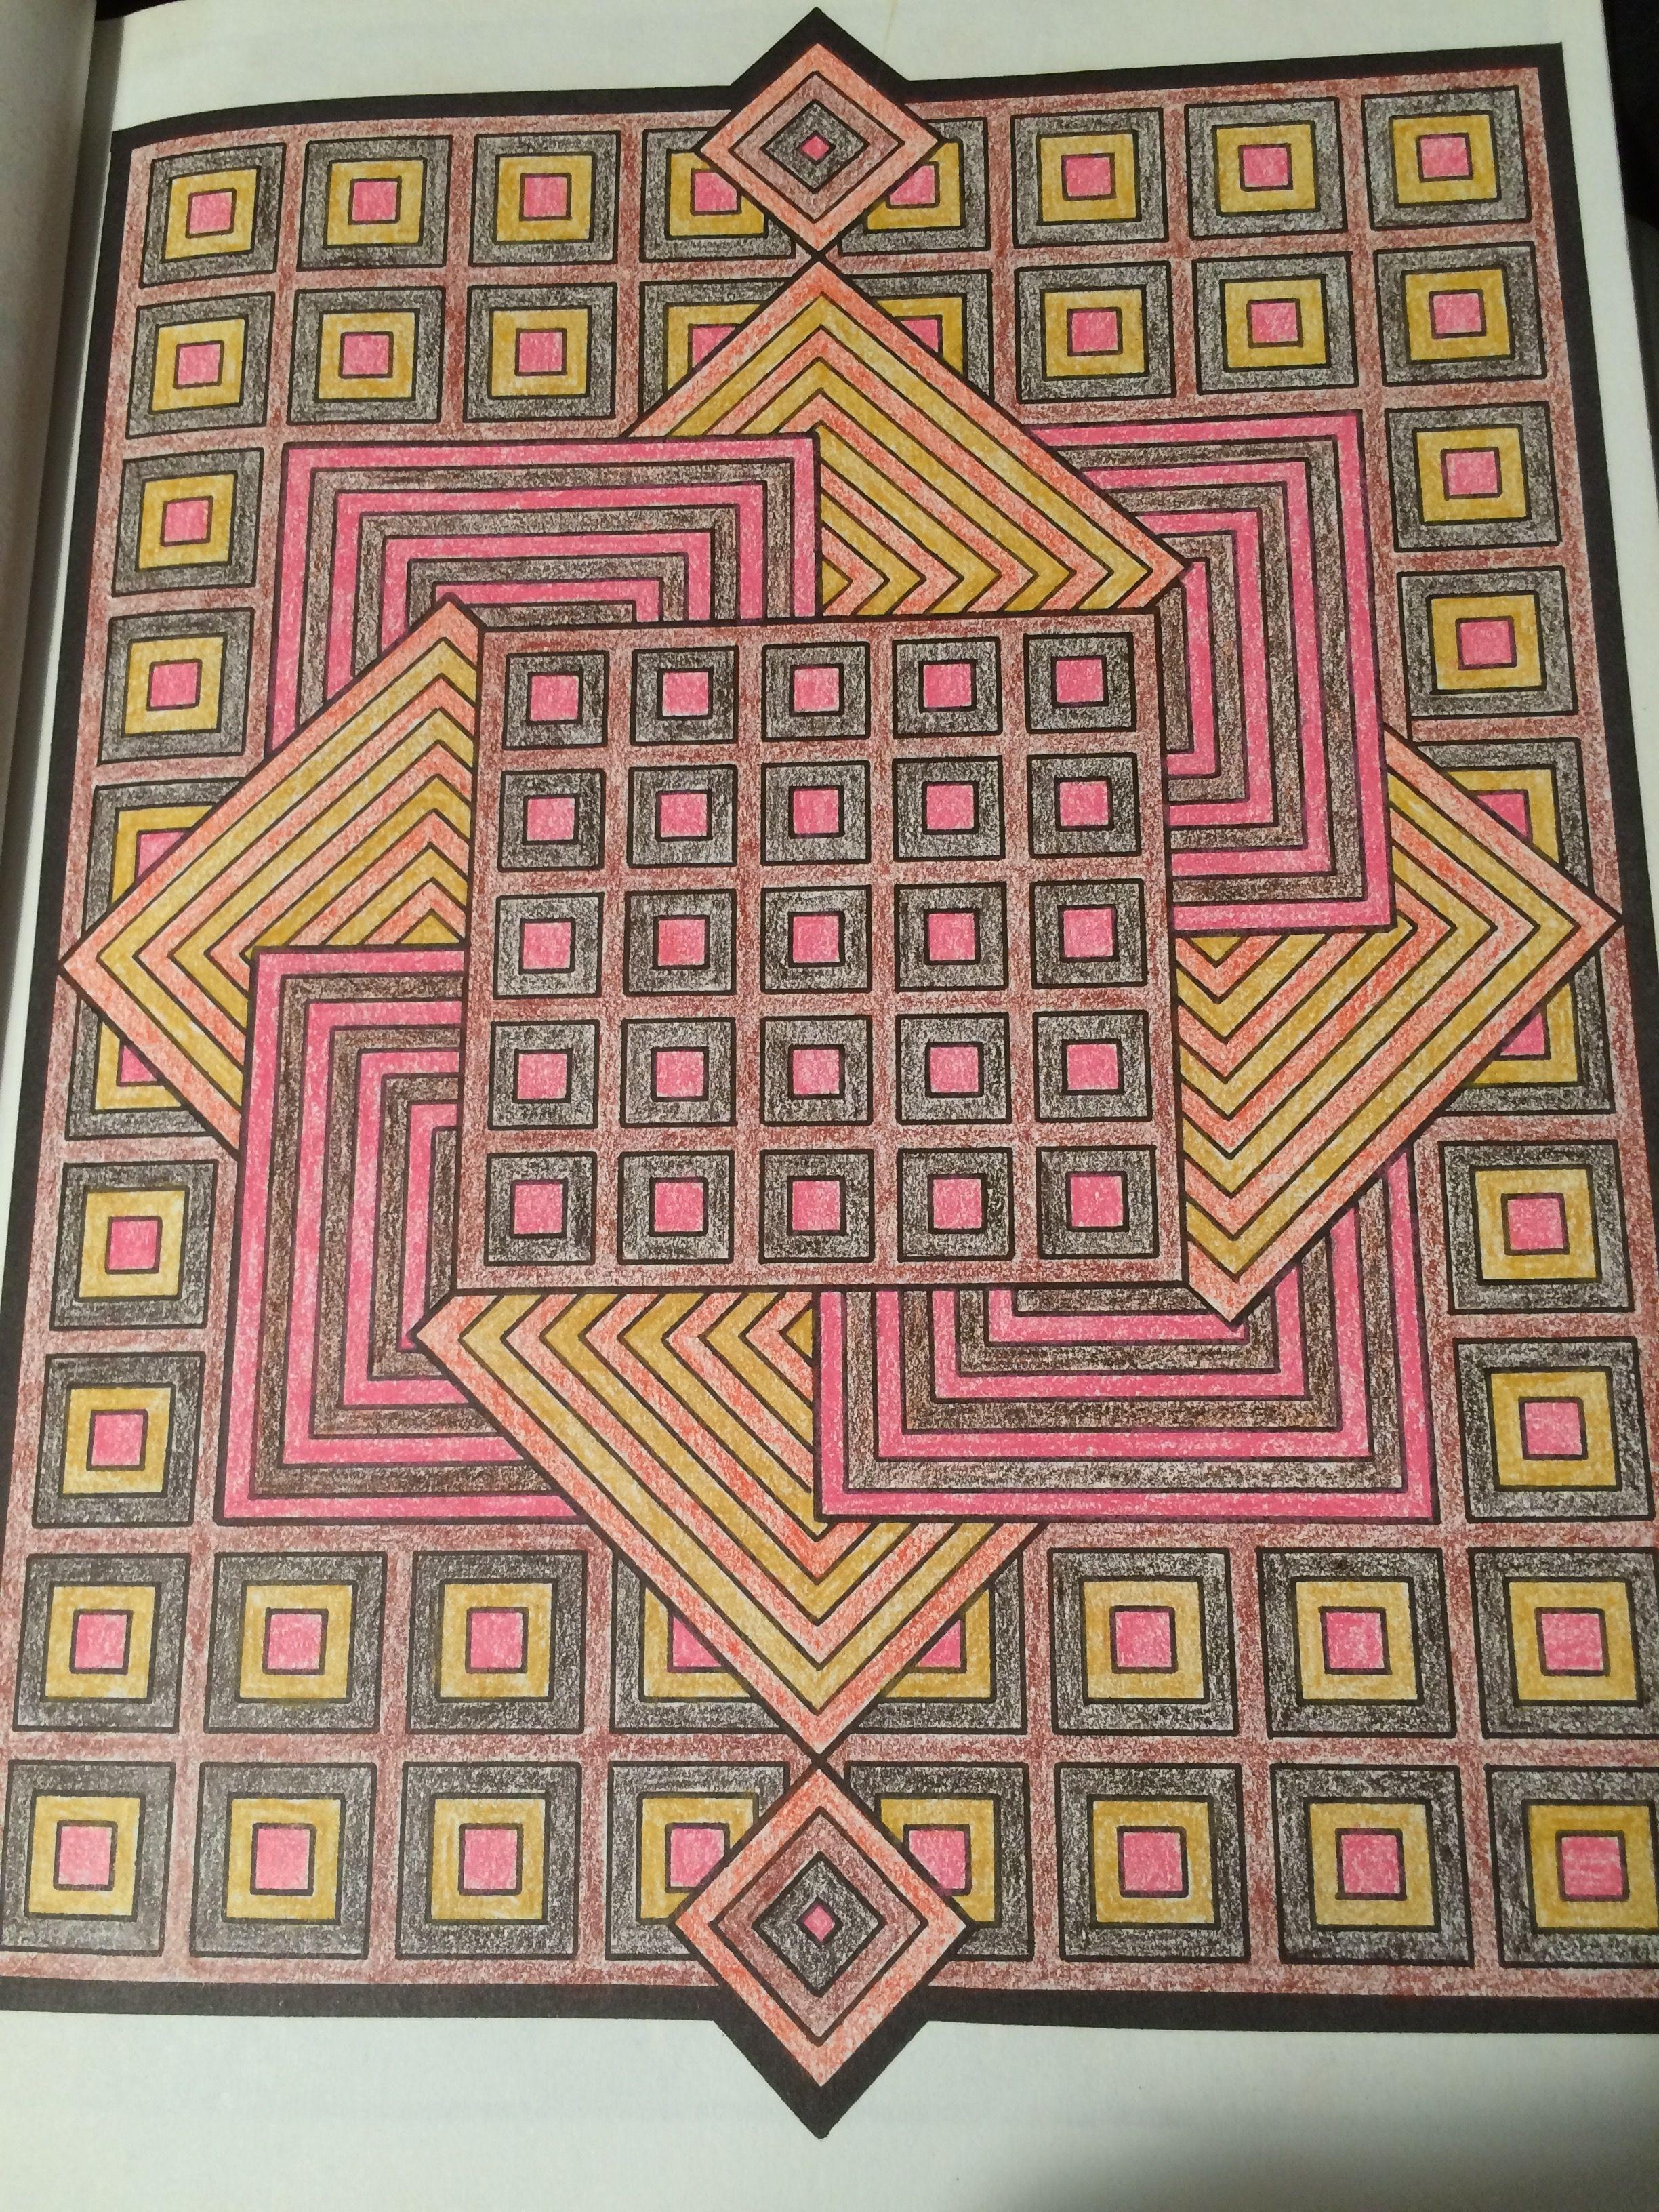 Excepcional Libros De Colorear De Ruth Heller Imágenes - Enmarcado ...